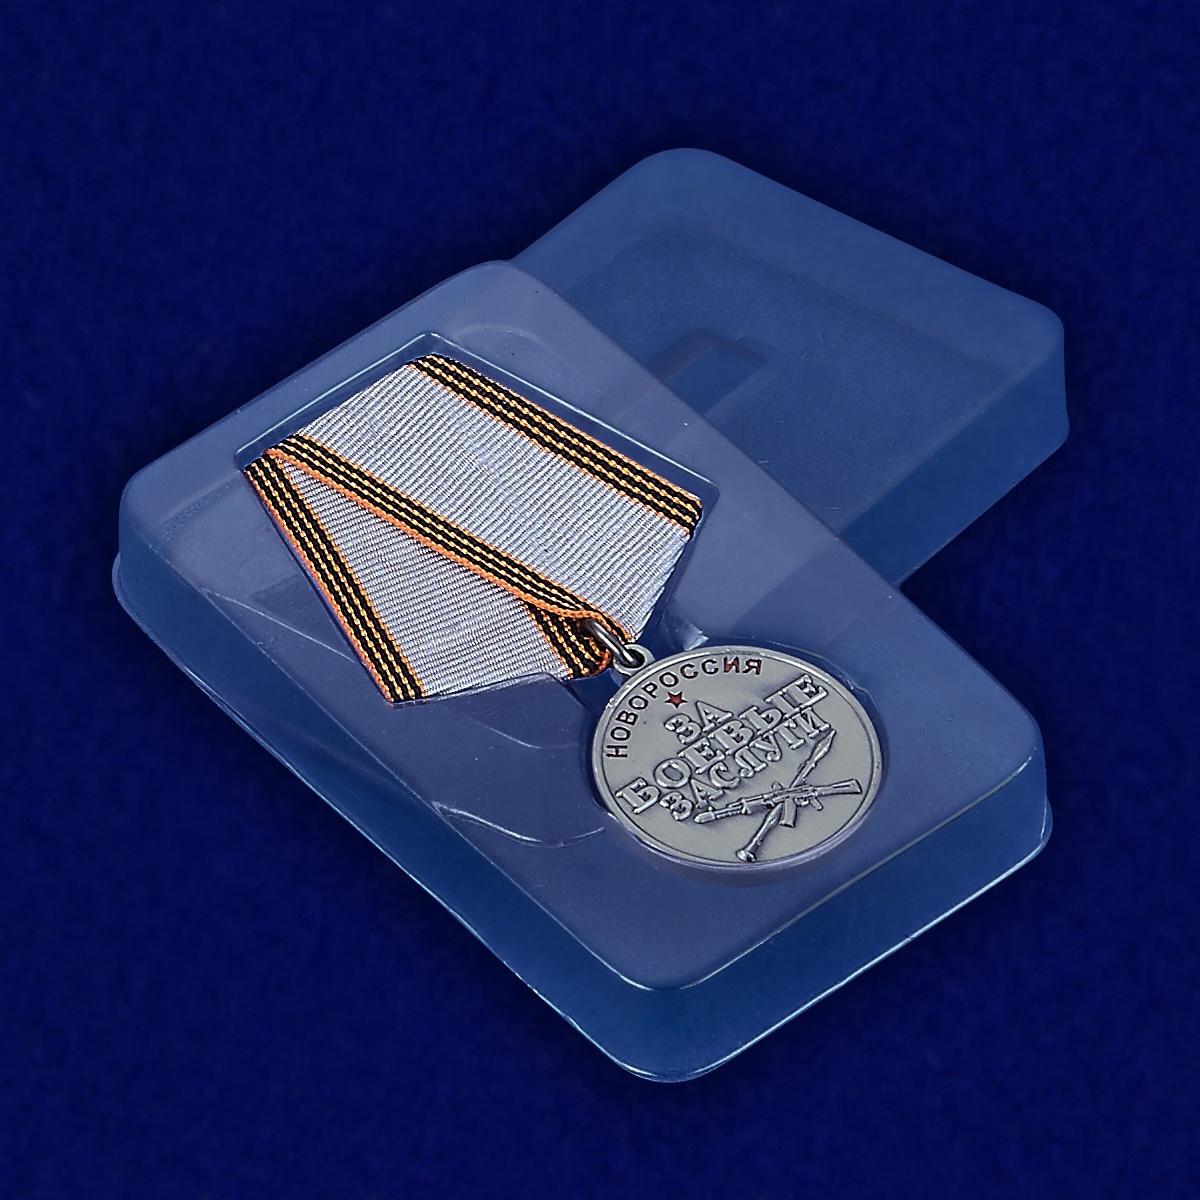 """Медаль """"За боевые заслуги"""" (Новороссия) - вид в футляре"""